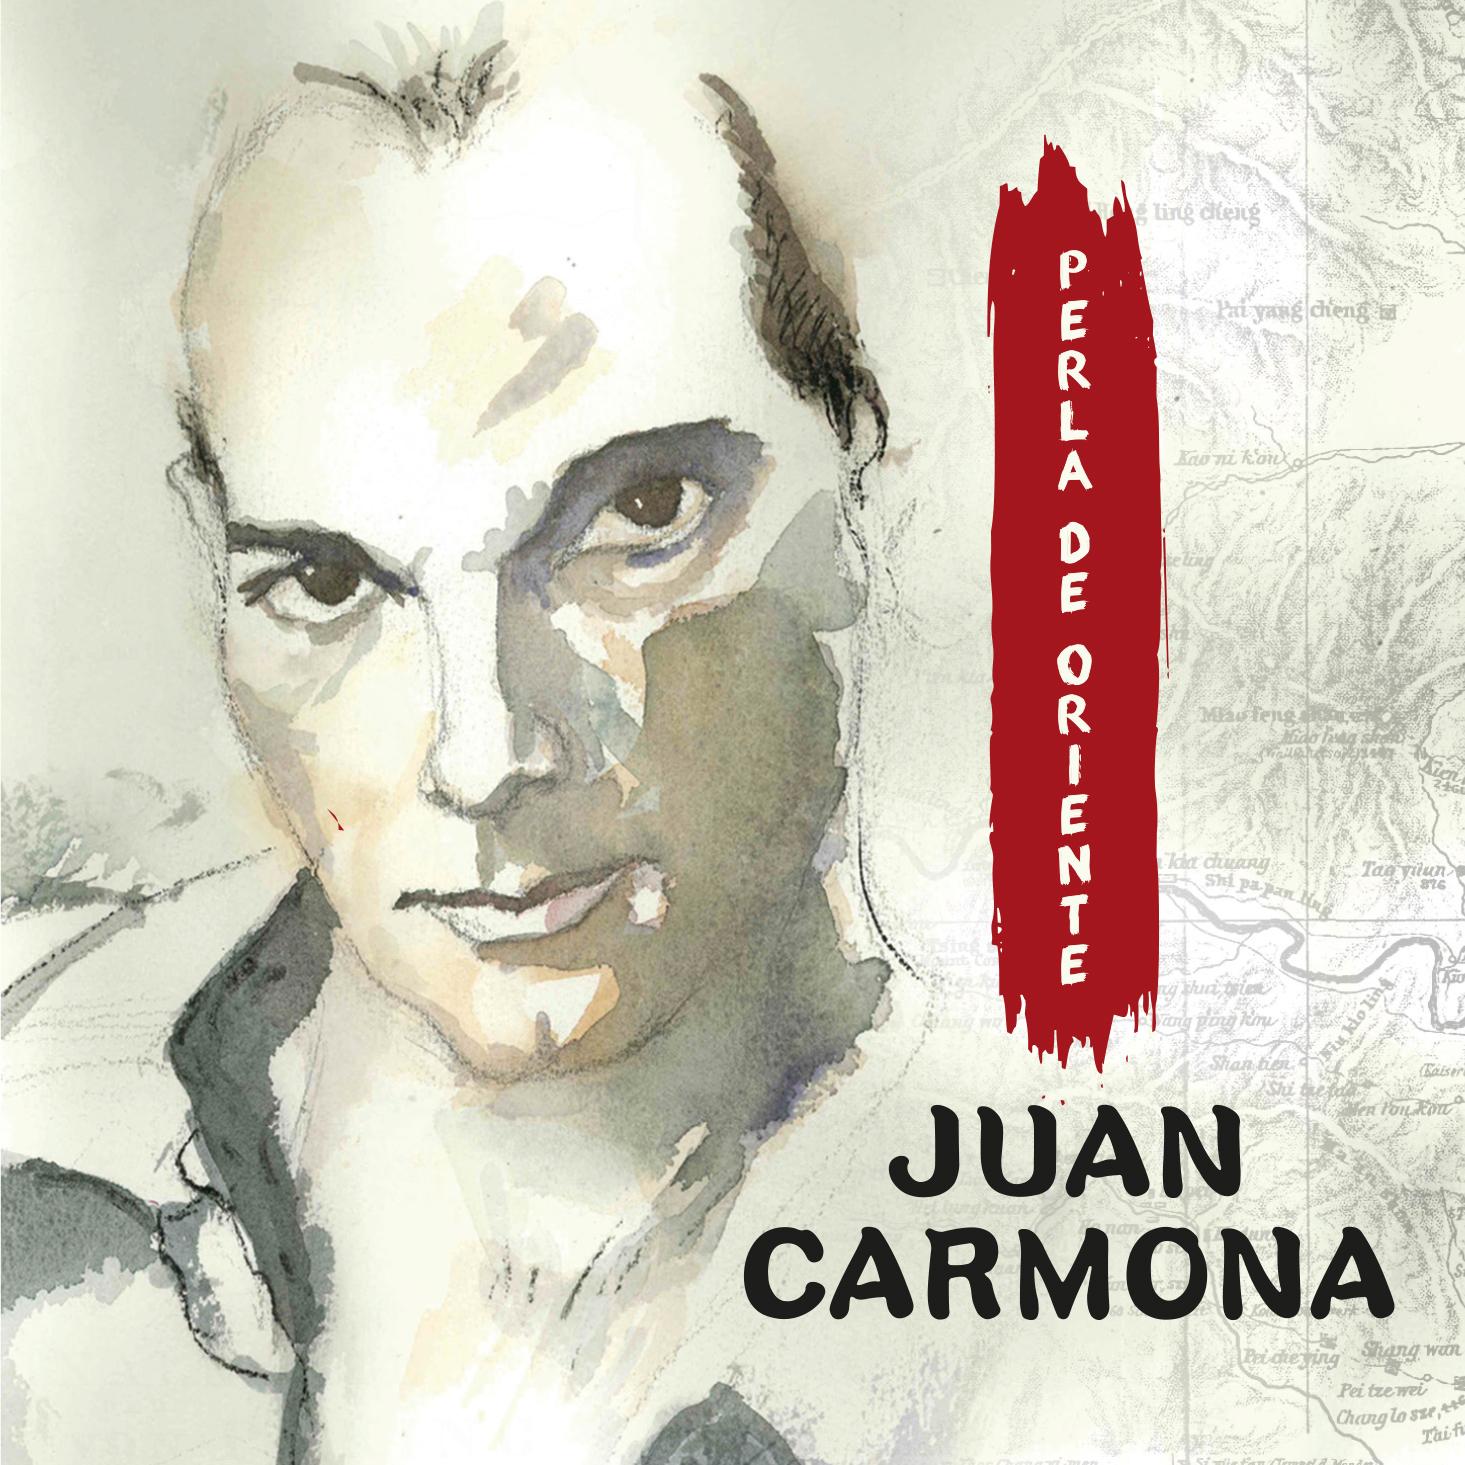 CD Juan Carmona